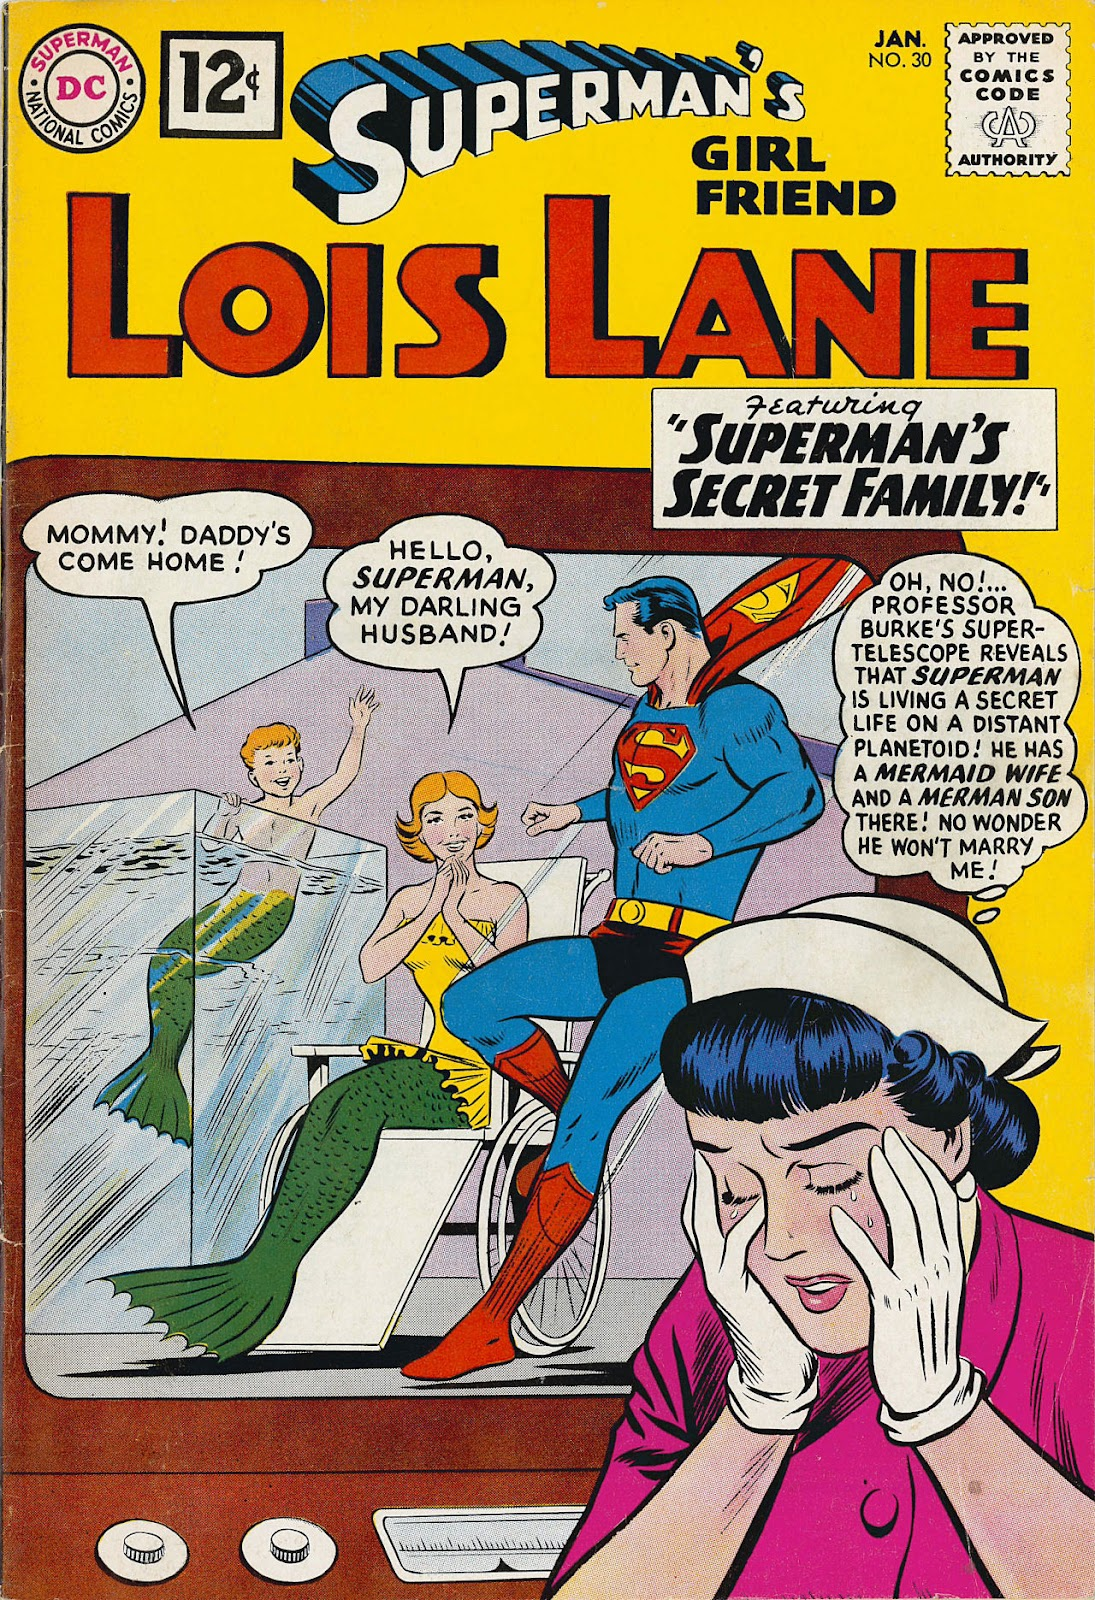 Supermans Girl Friend, Lois Lane 30 Page 1